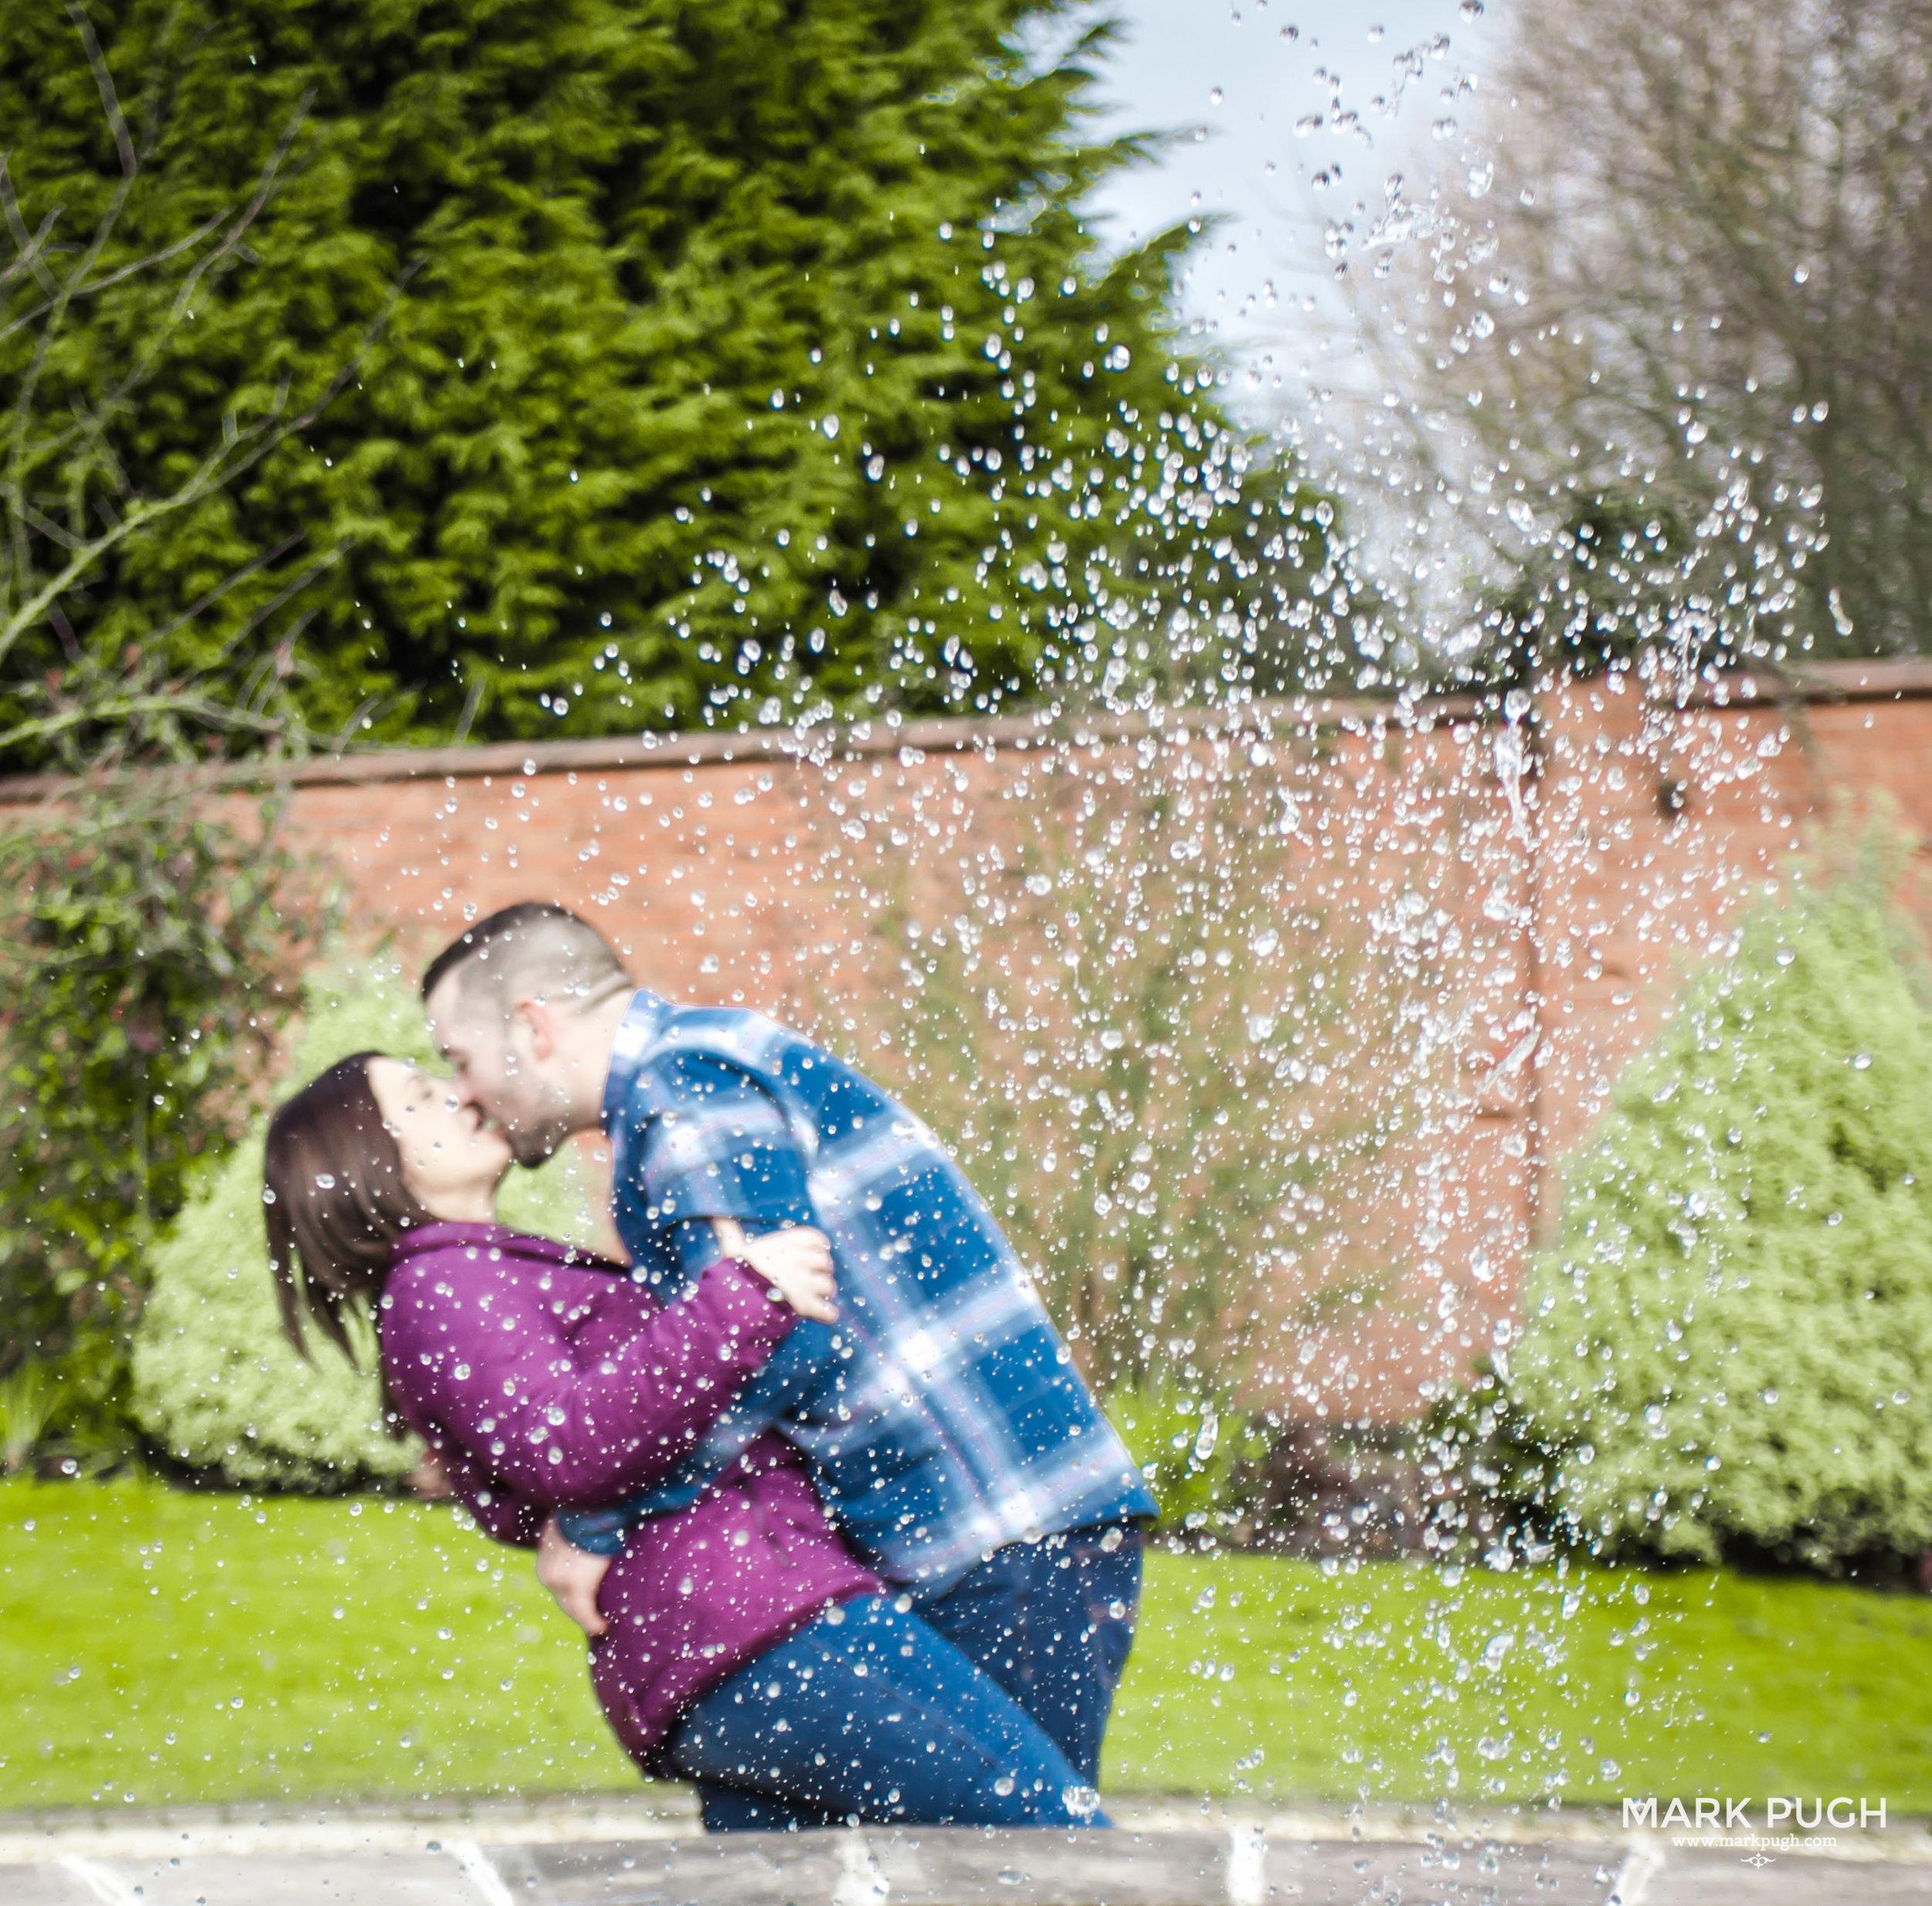 224 - fineART photography by www.markpugh.com Mark Pugh of www.mpmedia.co.uk_.JPG